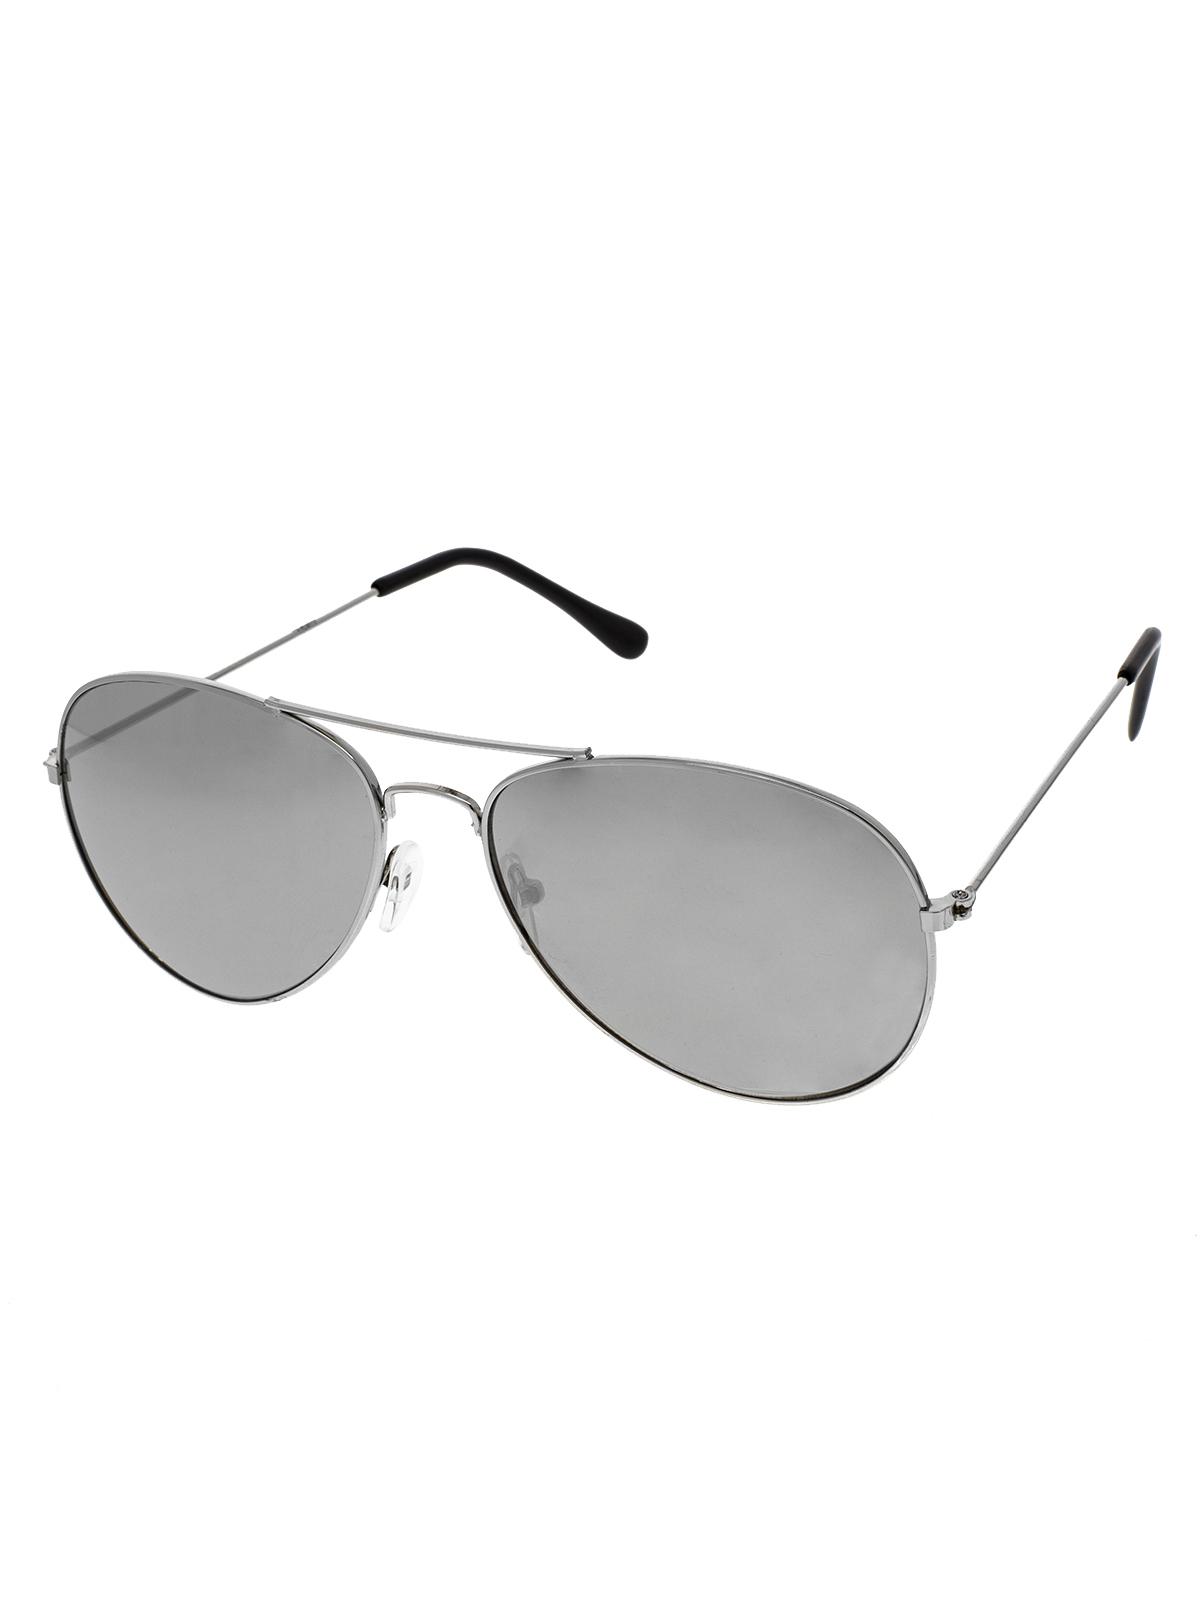 Sluneční brýle pilotky Conor stříbrné obroučky zrcadlová stříbrná skla